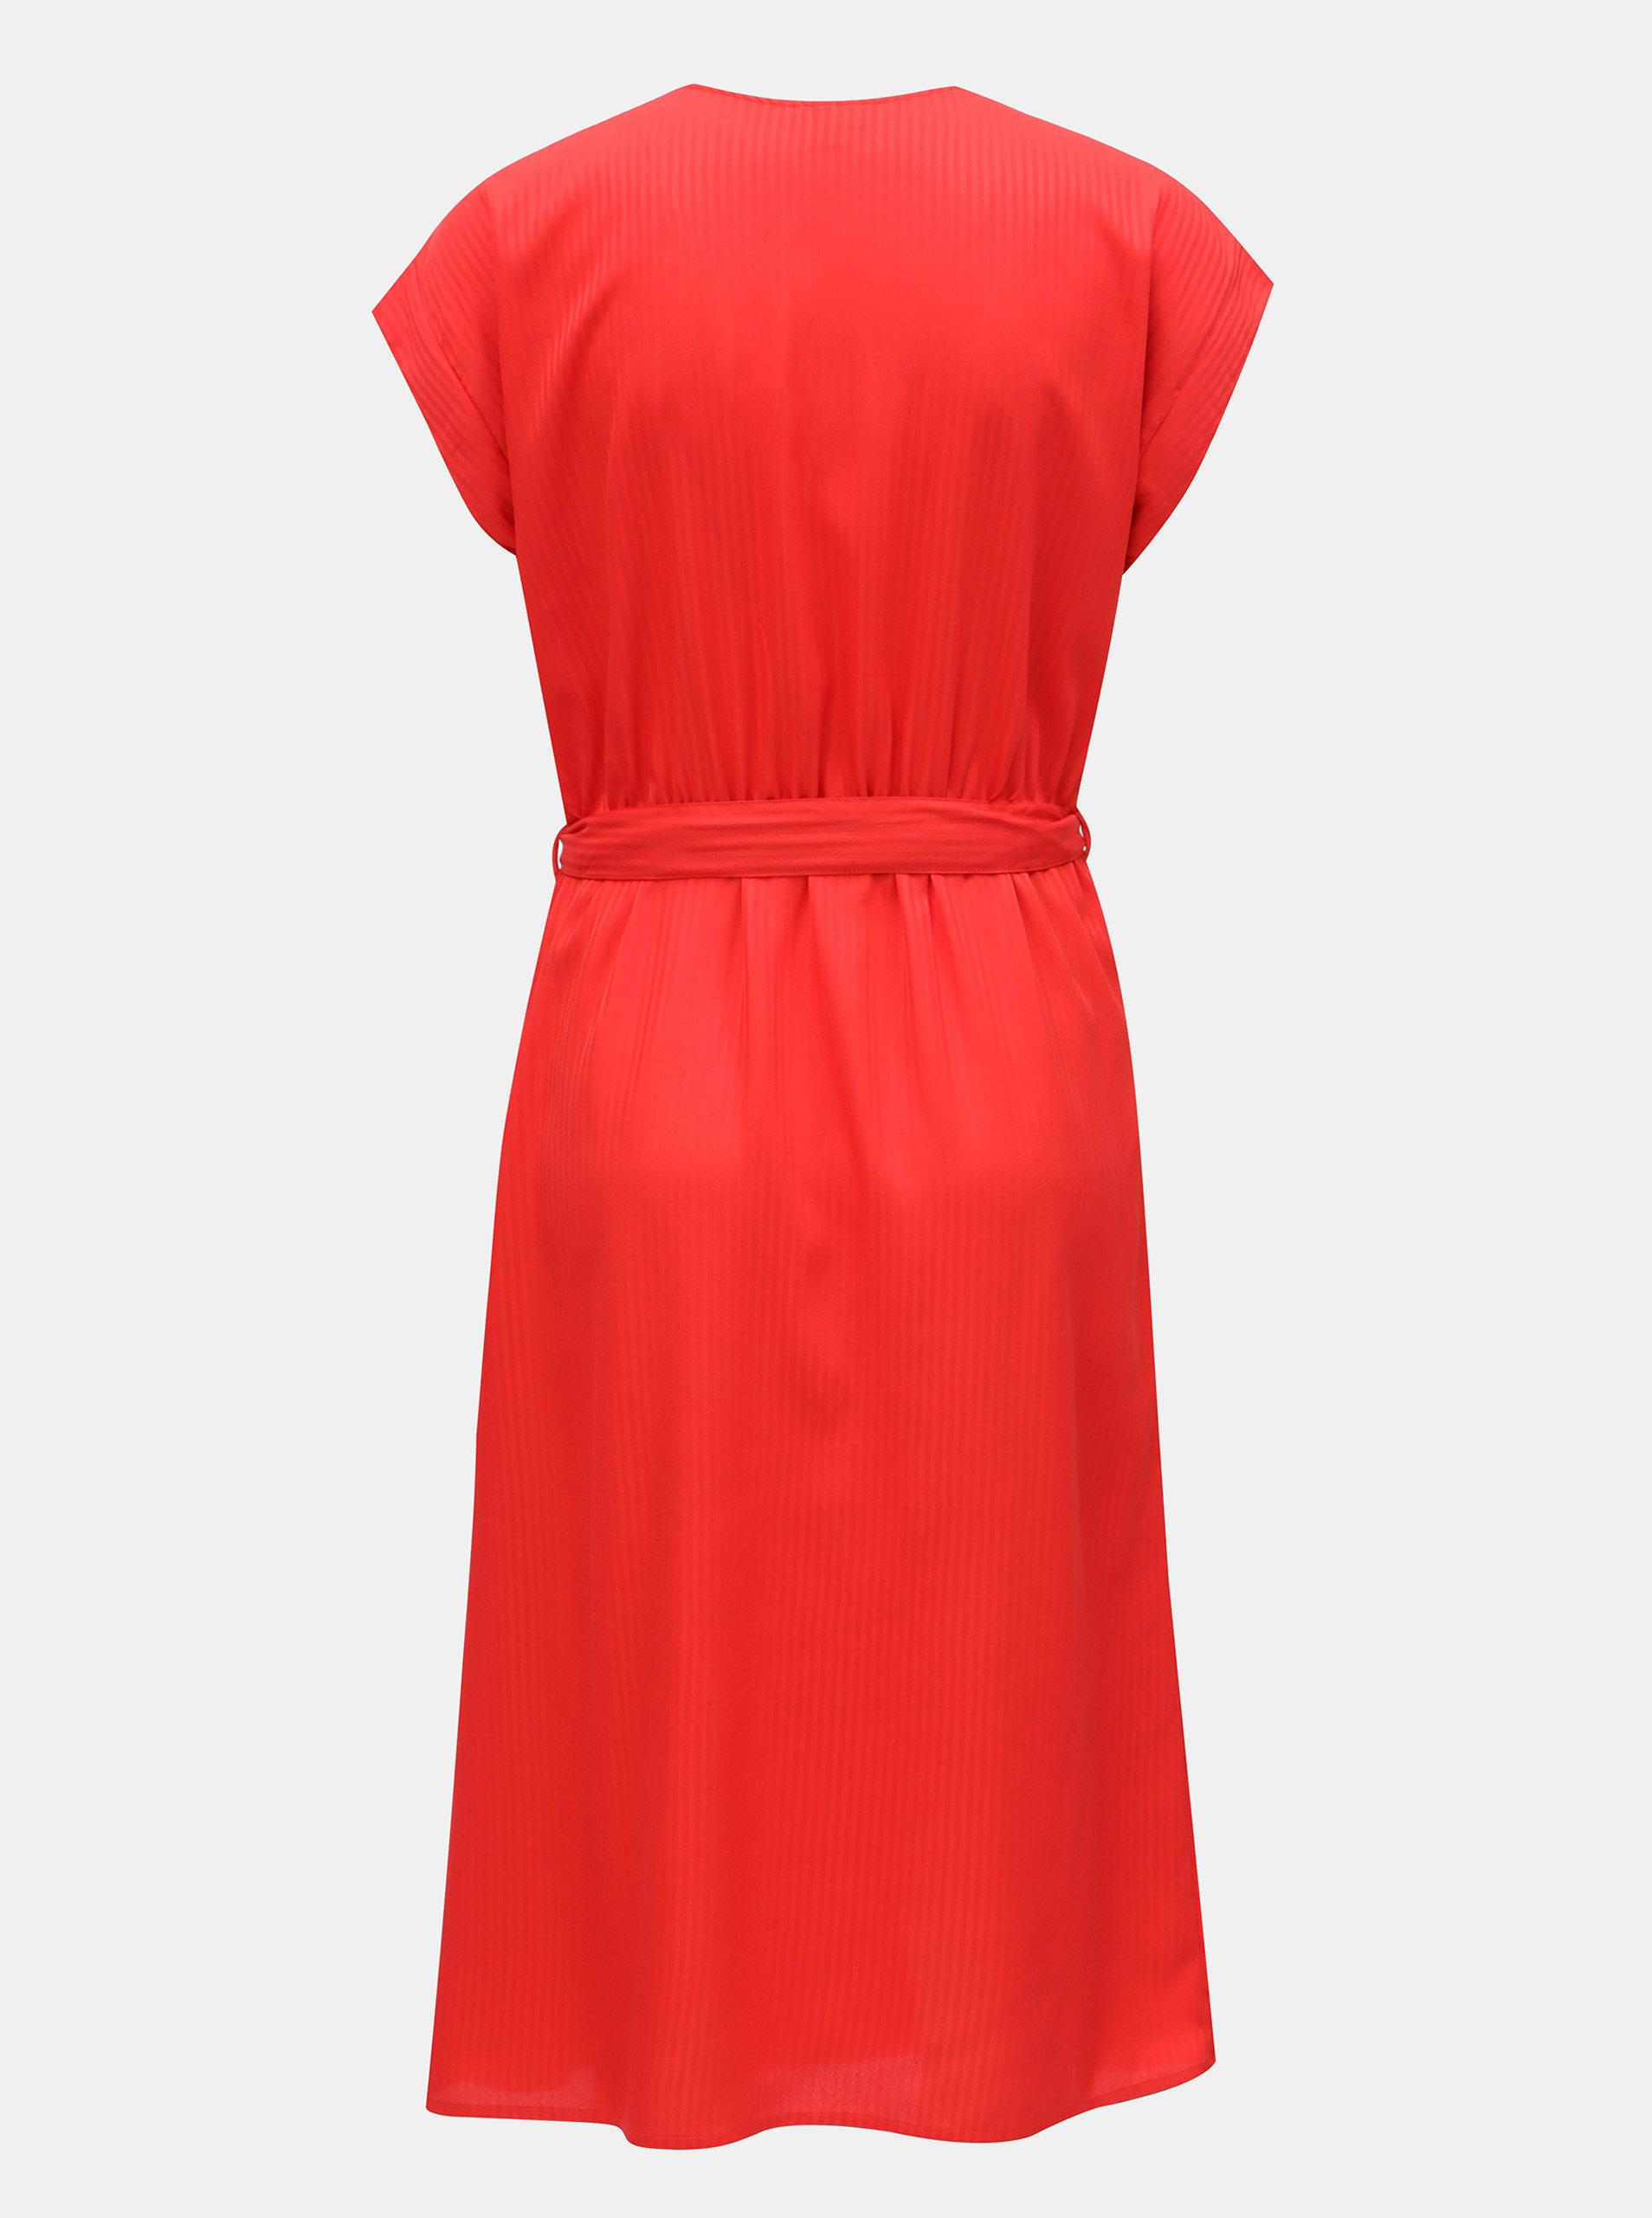 988851a4bb76 Červené pruhované šaty s překládanou přední částí VERO MODA ...